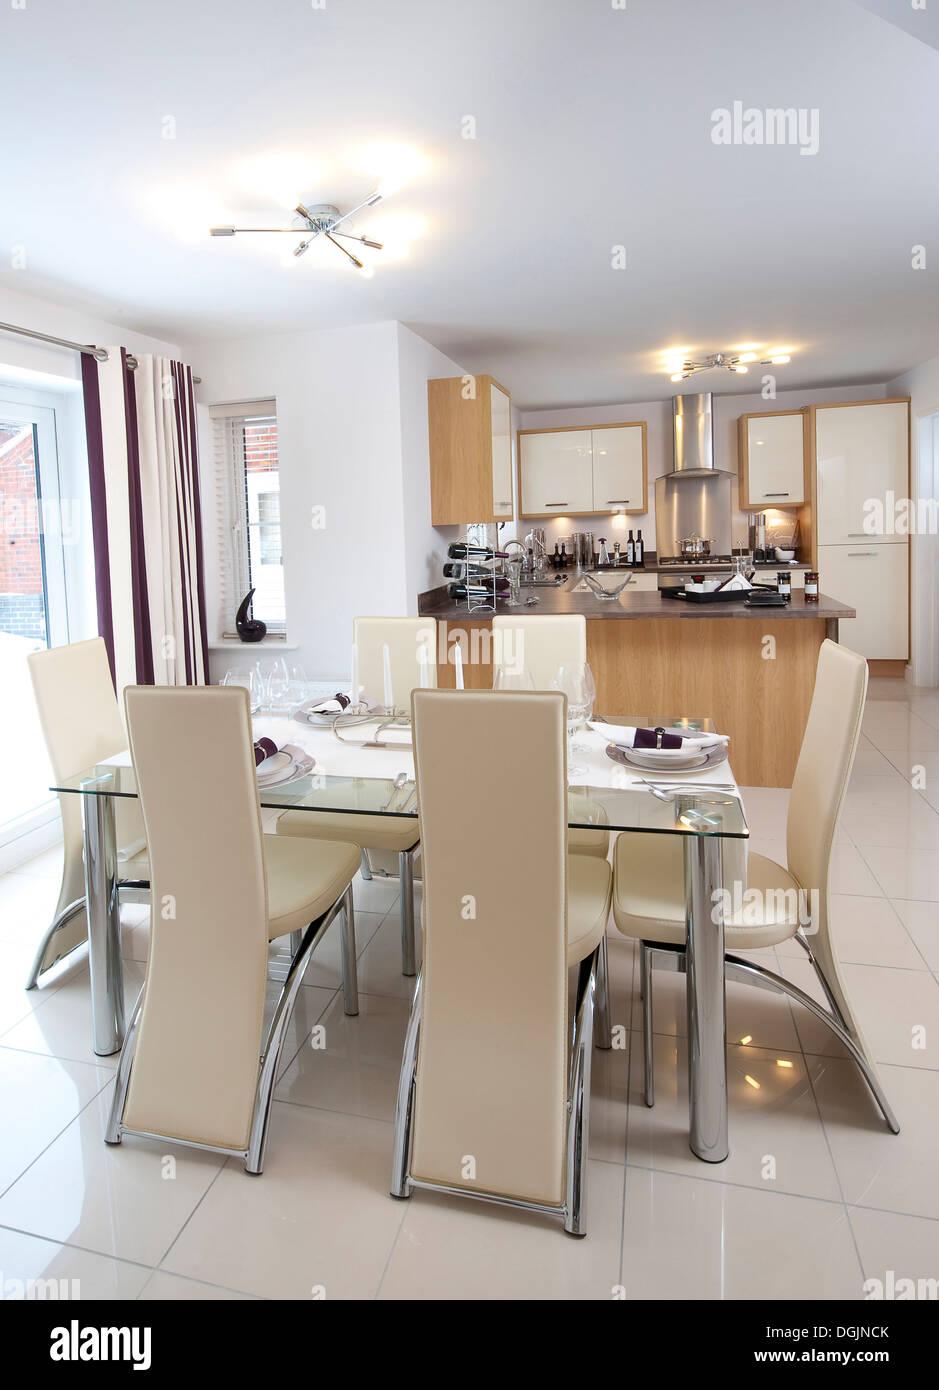 Schöne moderne offene Küche und Essbereich Raum in einem modernen ...